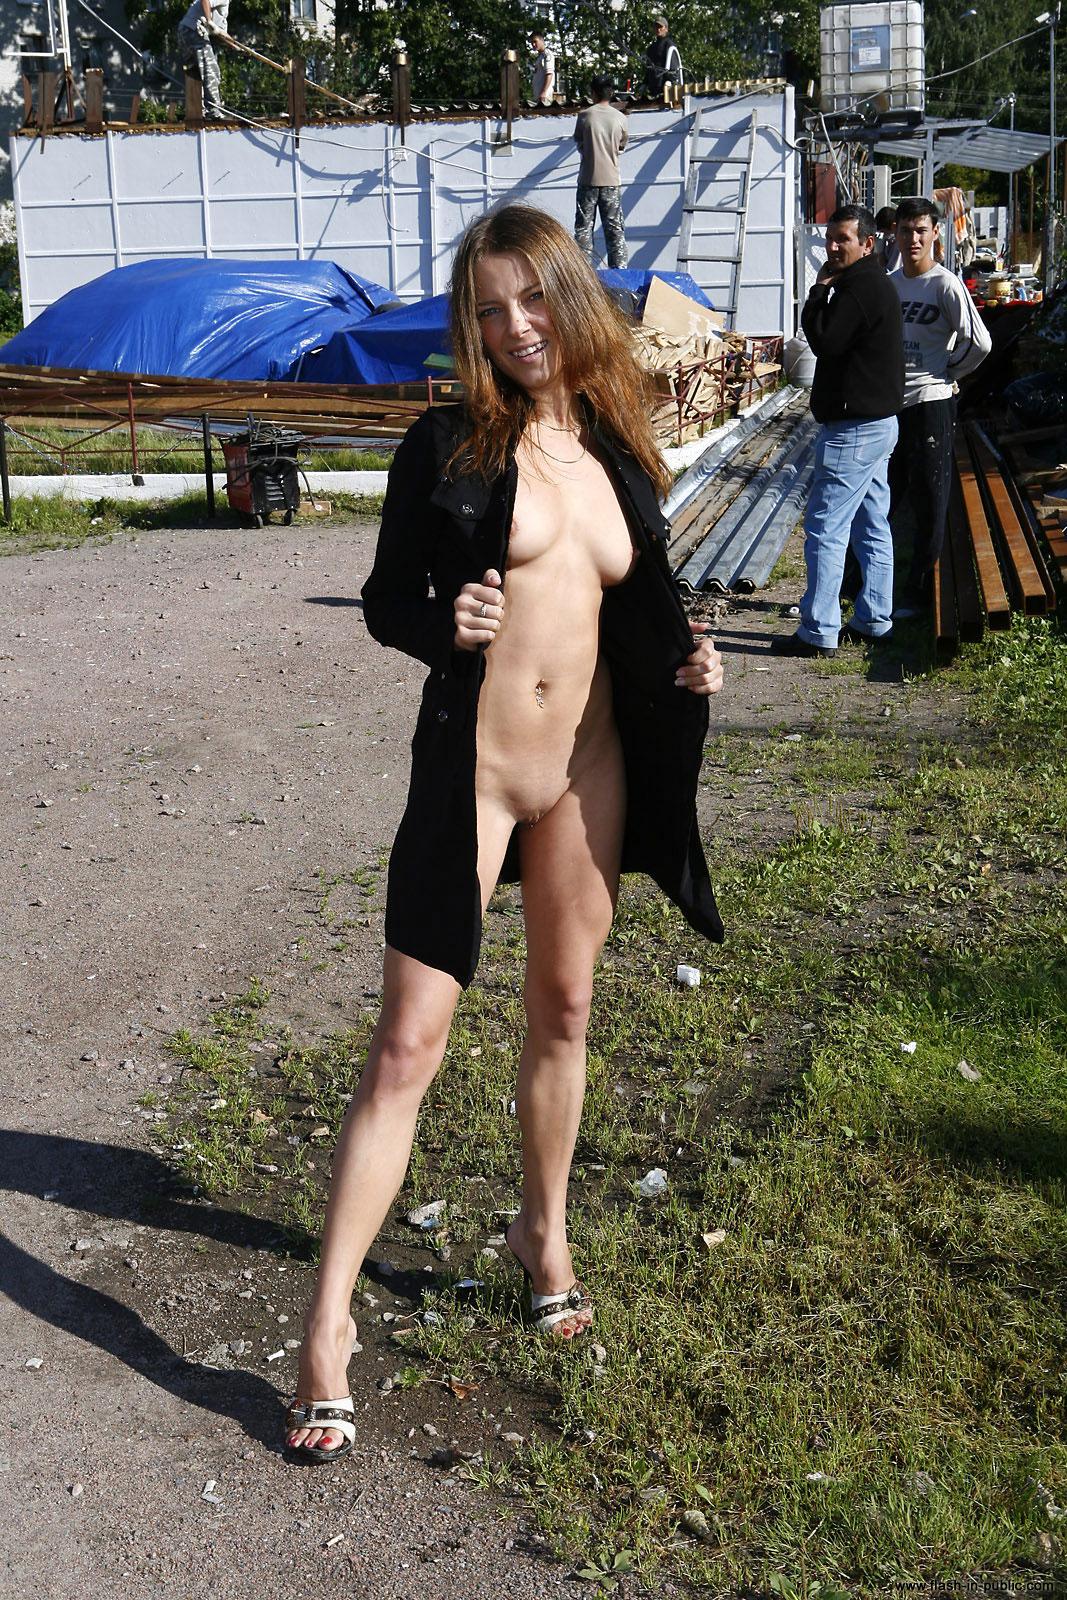 yanina-m-nude-walk-around-the-town-flash-in-public-04